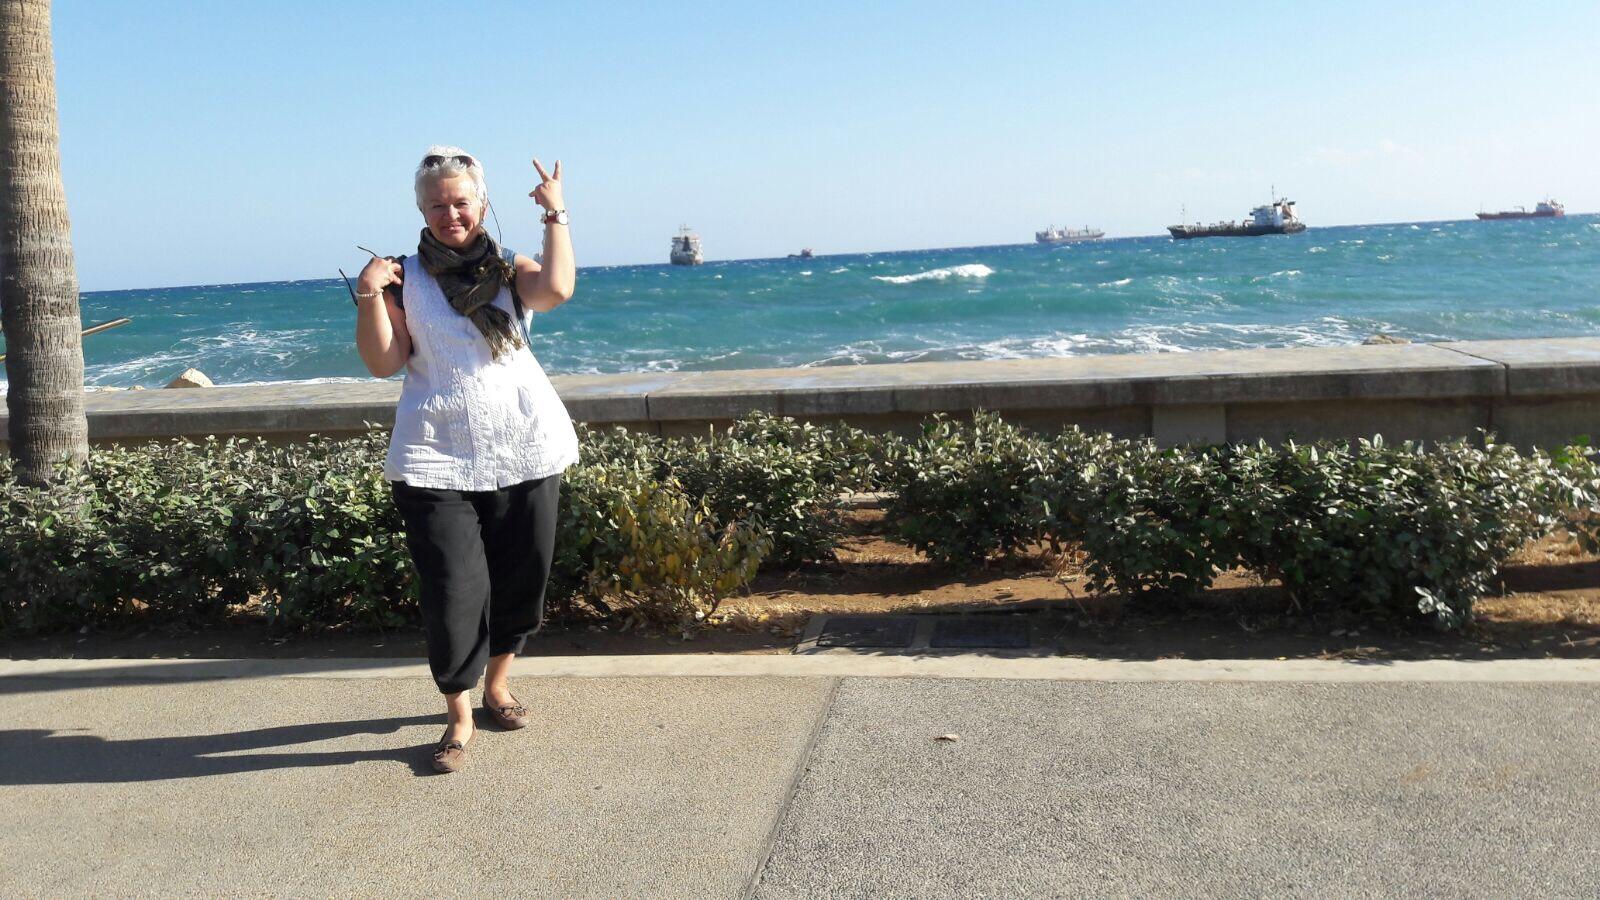 Šarūnei atostogos Kipre paliko tik geriausius įspūdžius